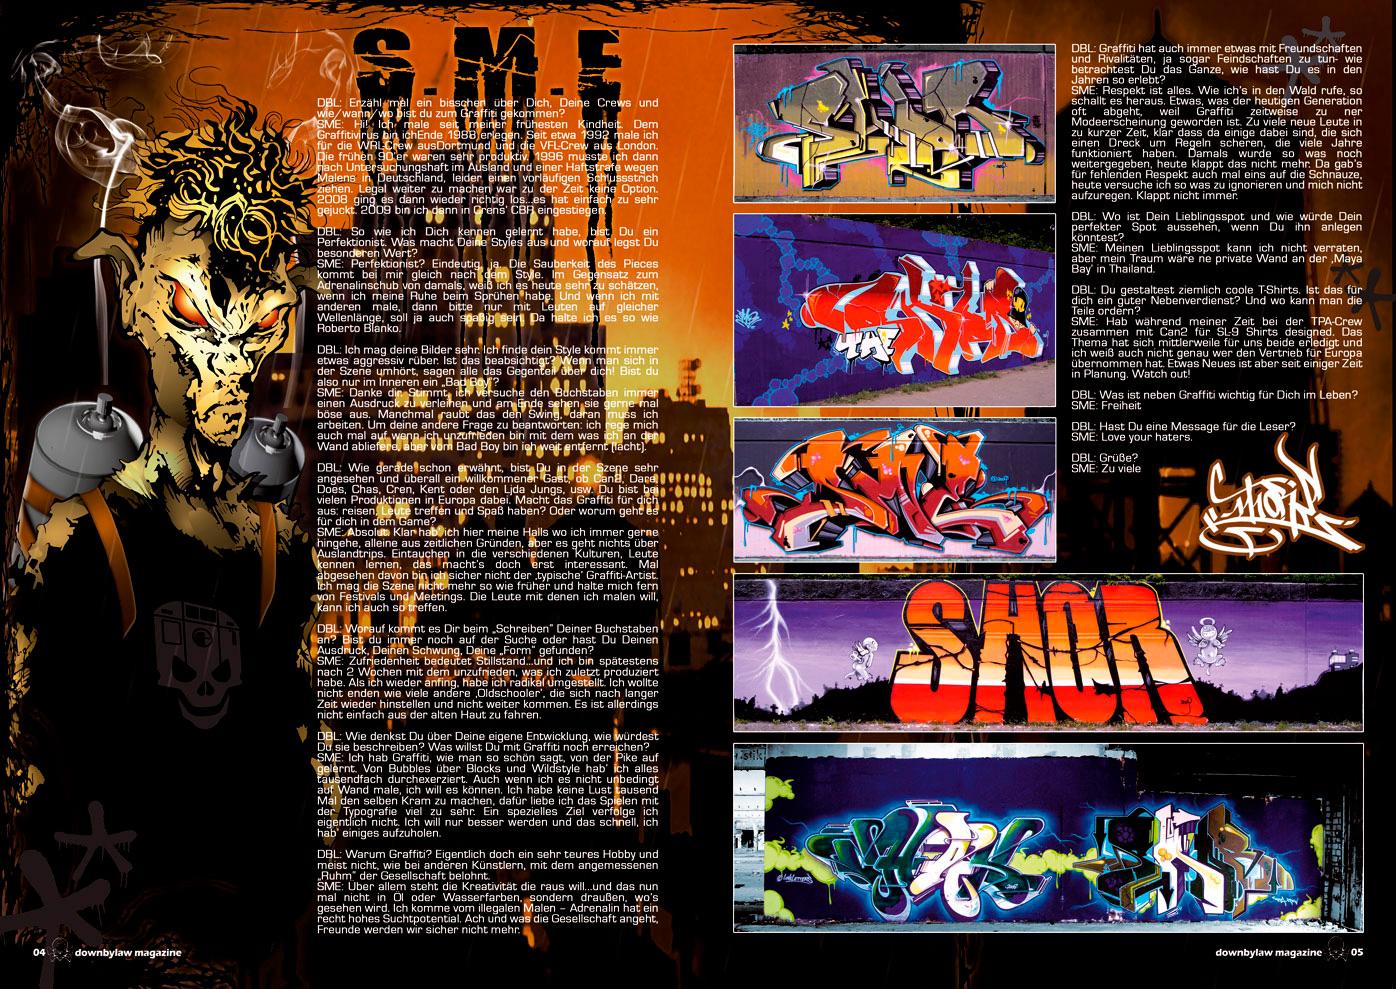 downbylaw_magazine_6_shor_sme_graffiti